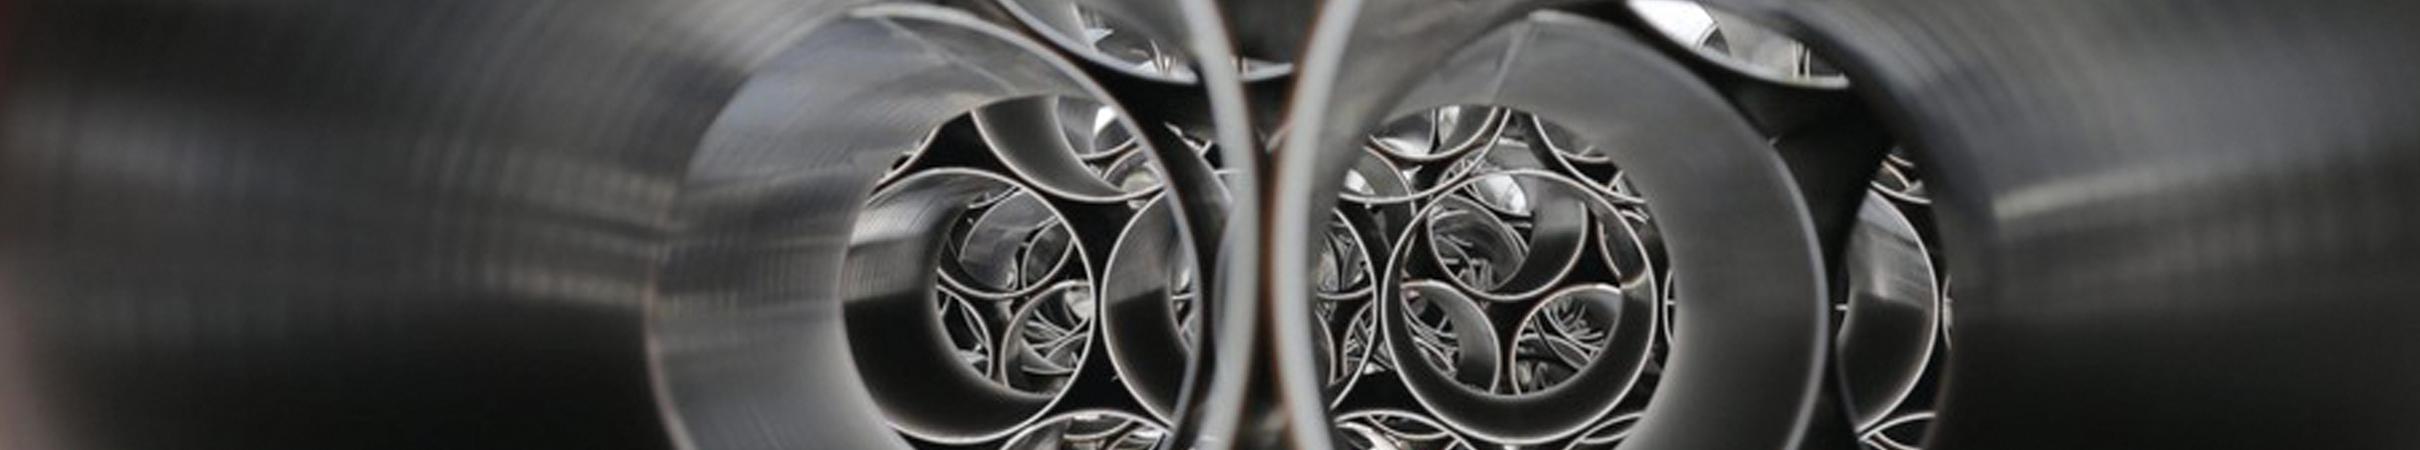 header-termocentro-tubi-acciaio-neri-lisci